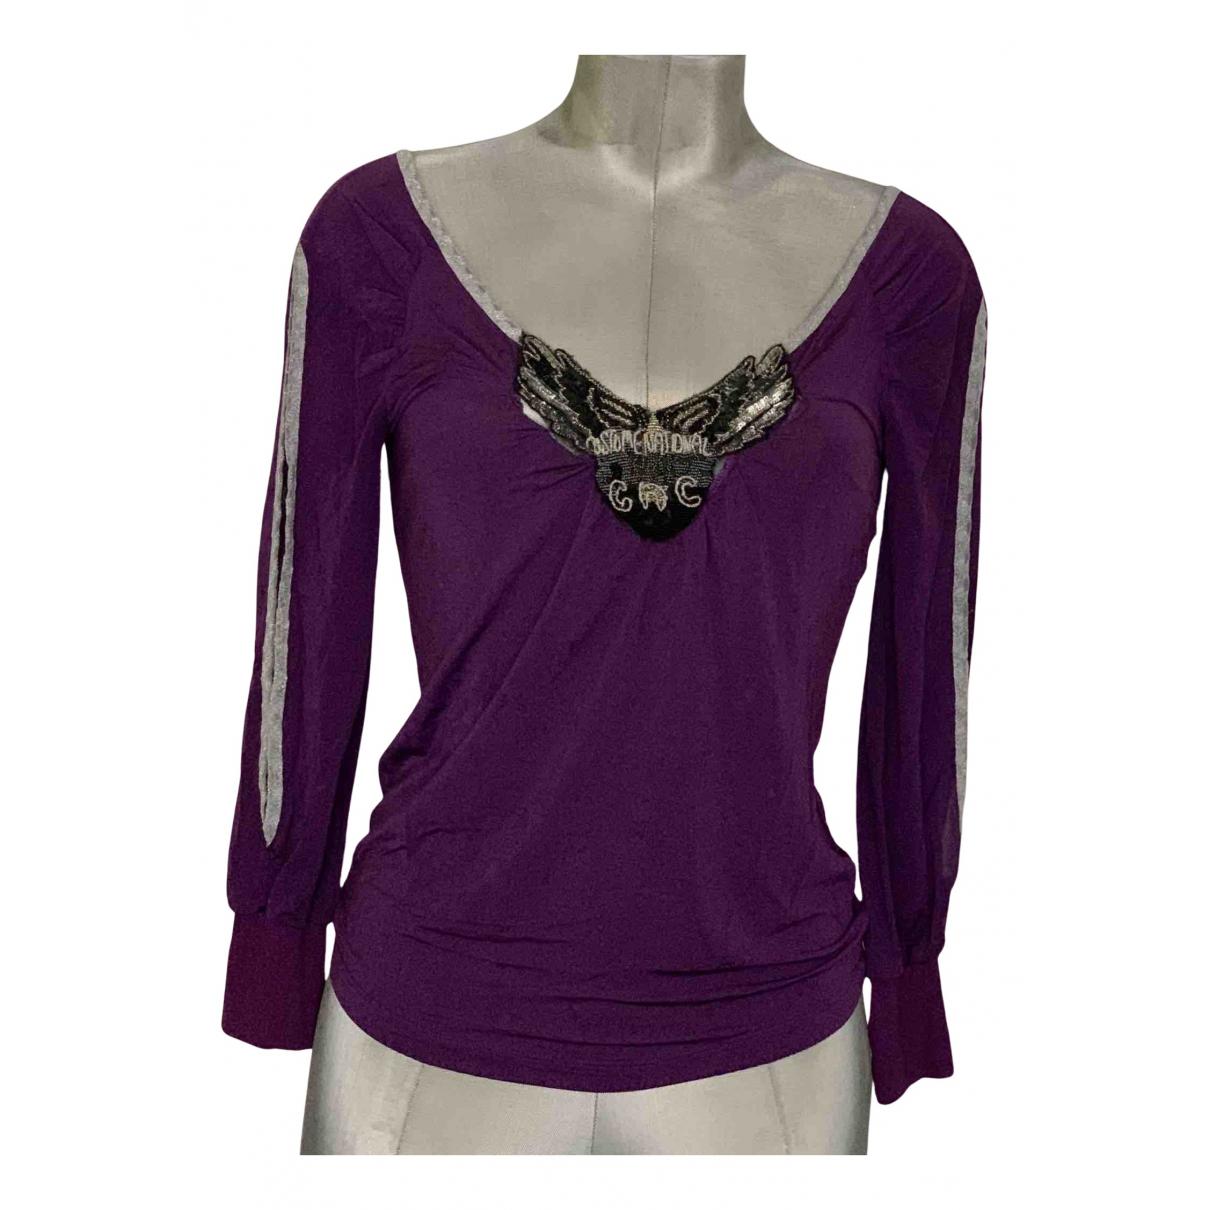 Cnc - Top   pour femme - violet